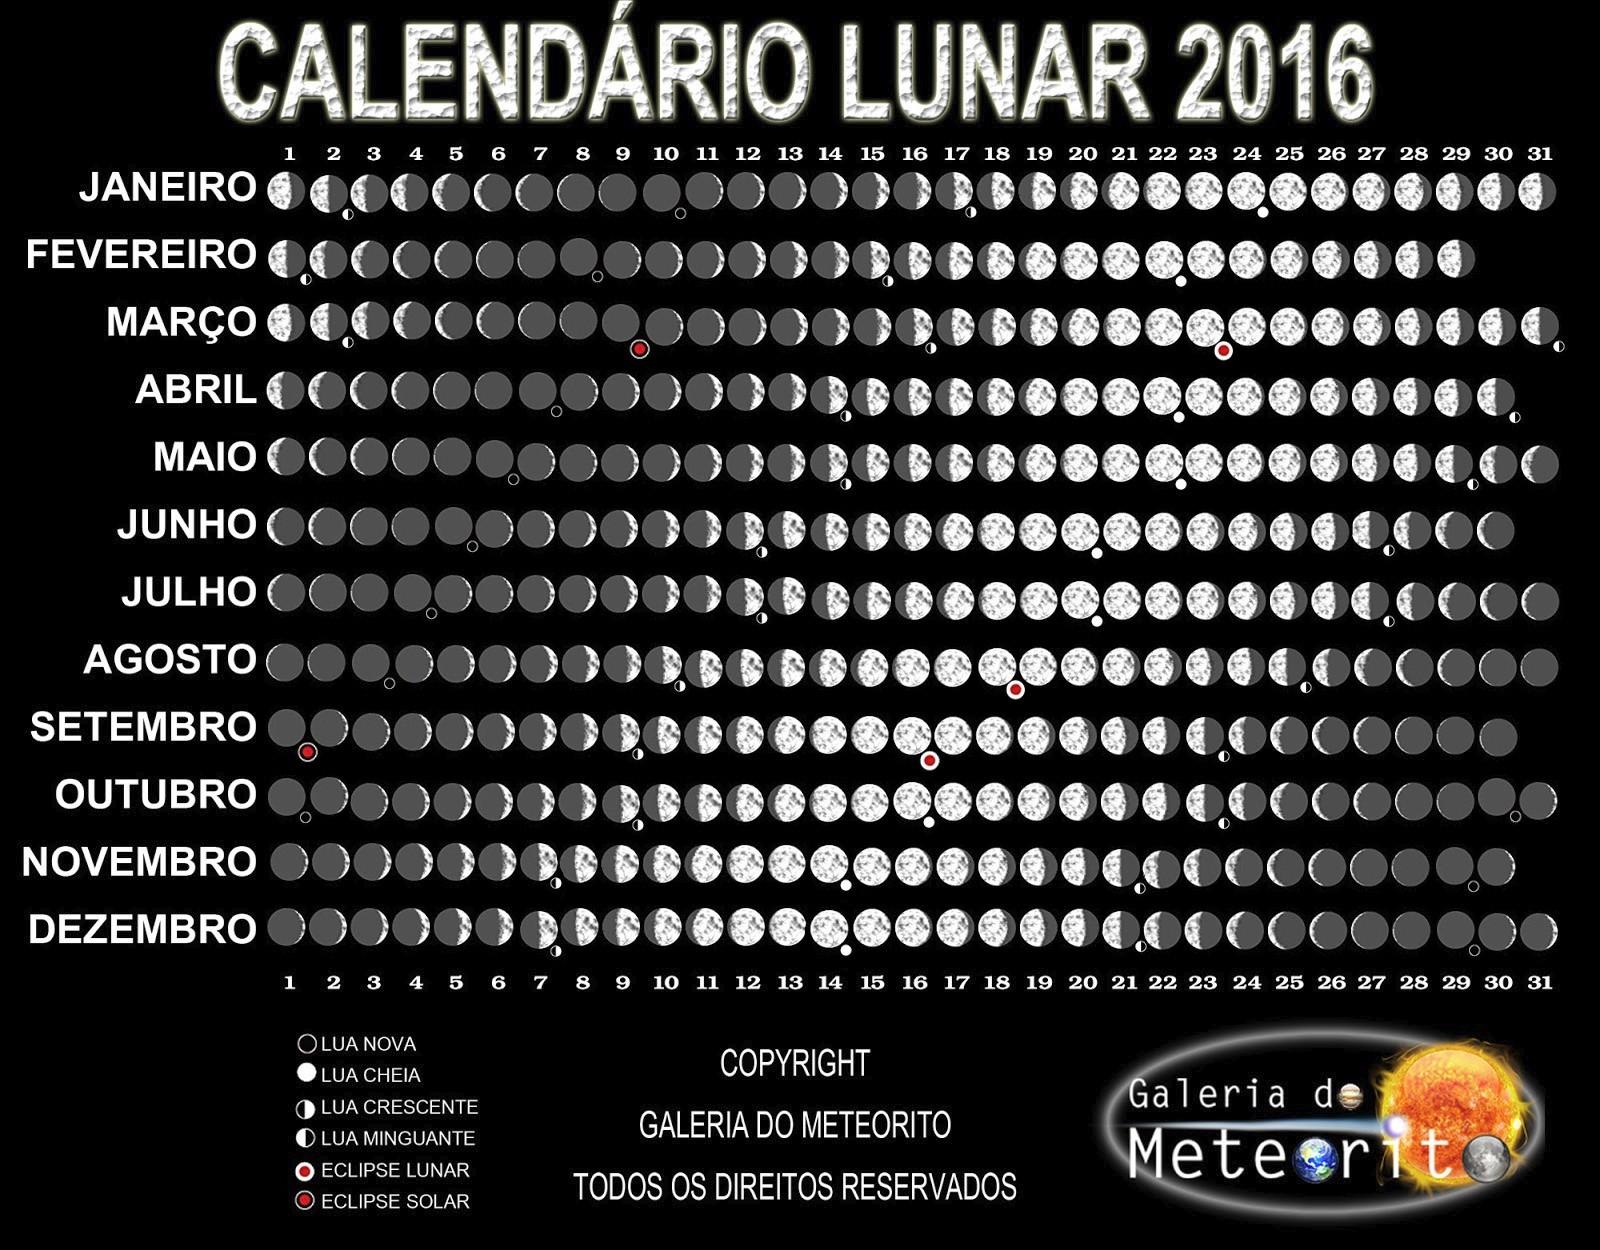 Calendário De 2019 Em Portugal Más Caliente Lua Calendrio Lunar E Fases Da Lua T Of Calendário De 2019 Em Portugal Recientes Meses Do Ano Tempo T Portuguese Language and